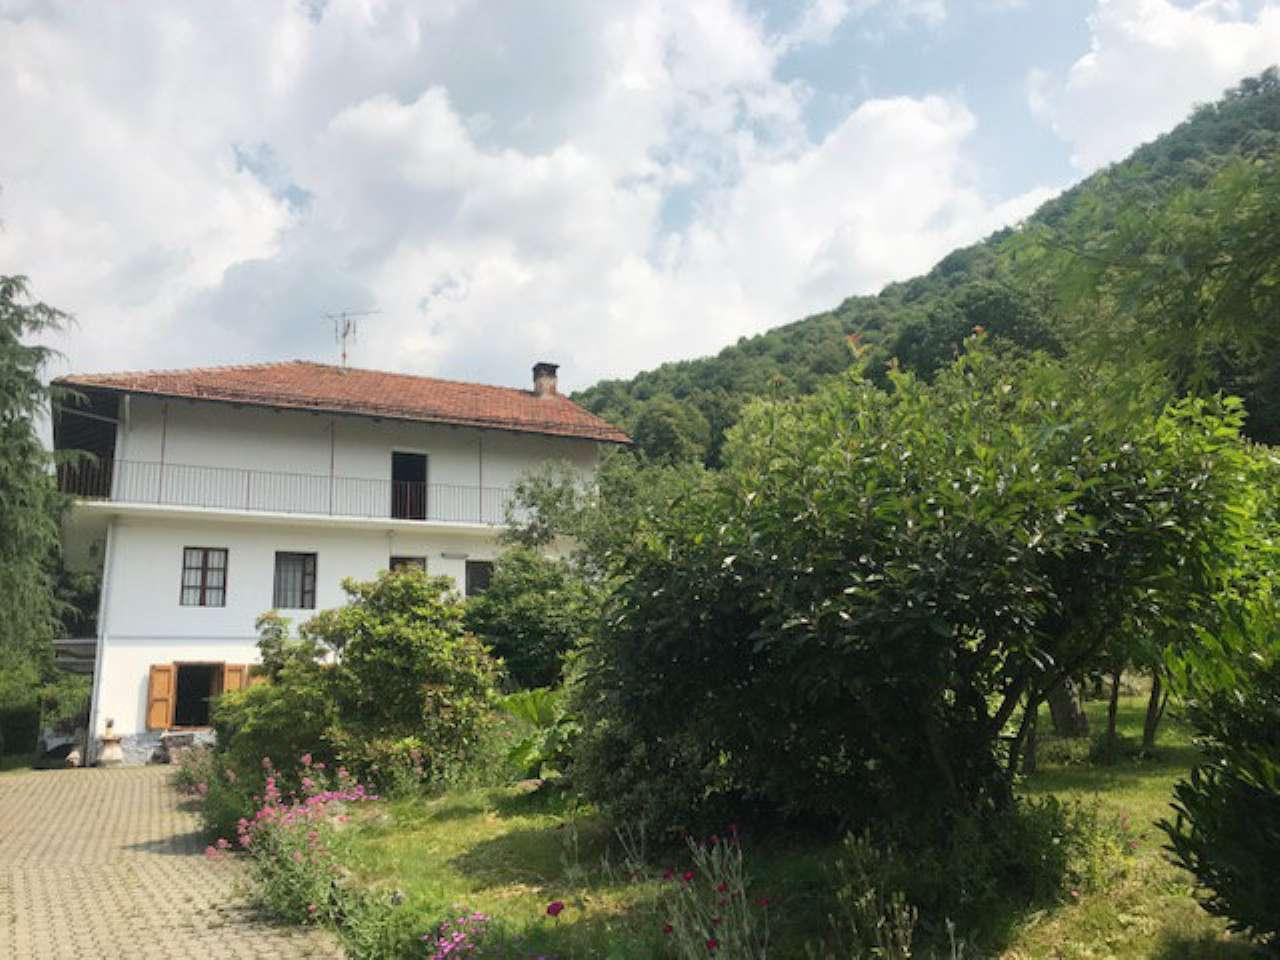 Soluzione Indipendente in vendita a Lanzo Torinese, 8 locali, prezzo € 139.000 | CambioCasa.it